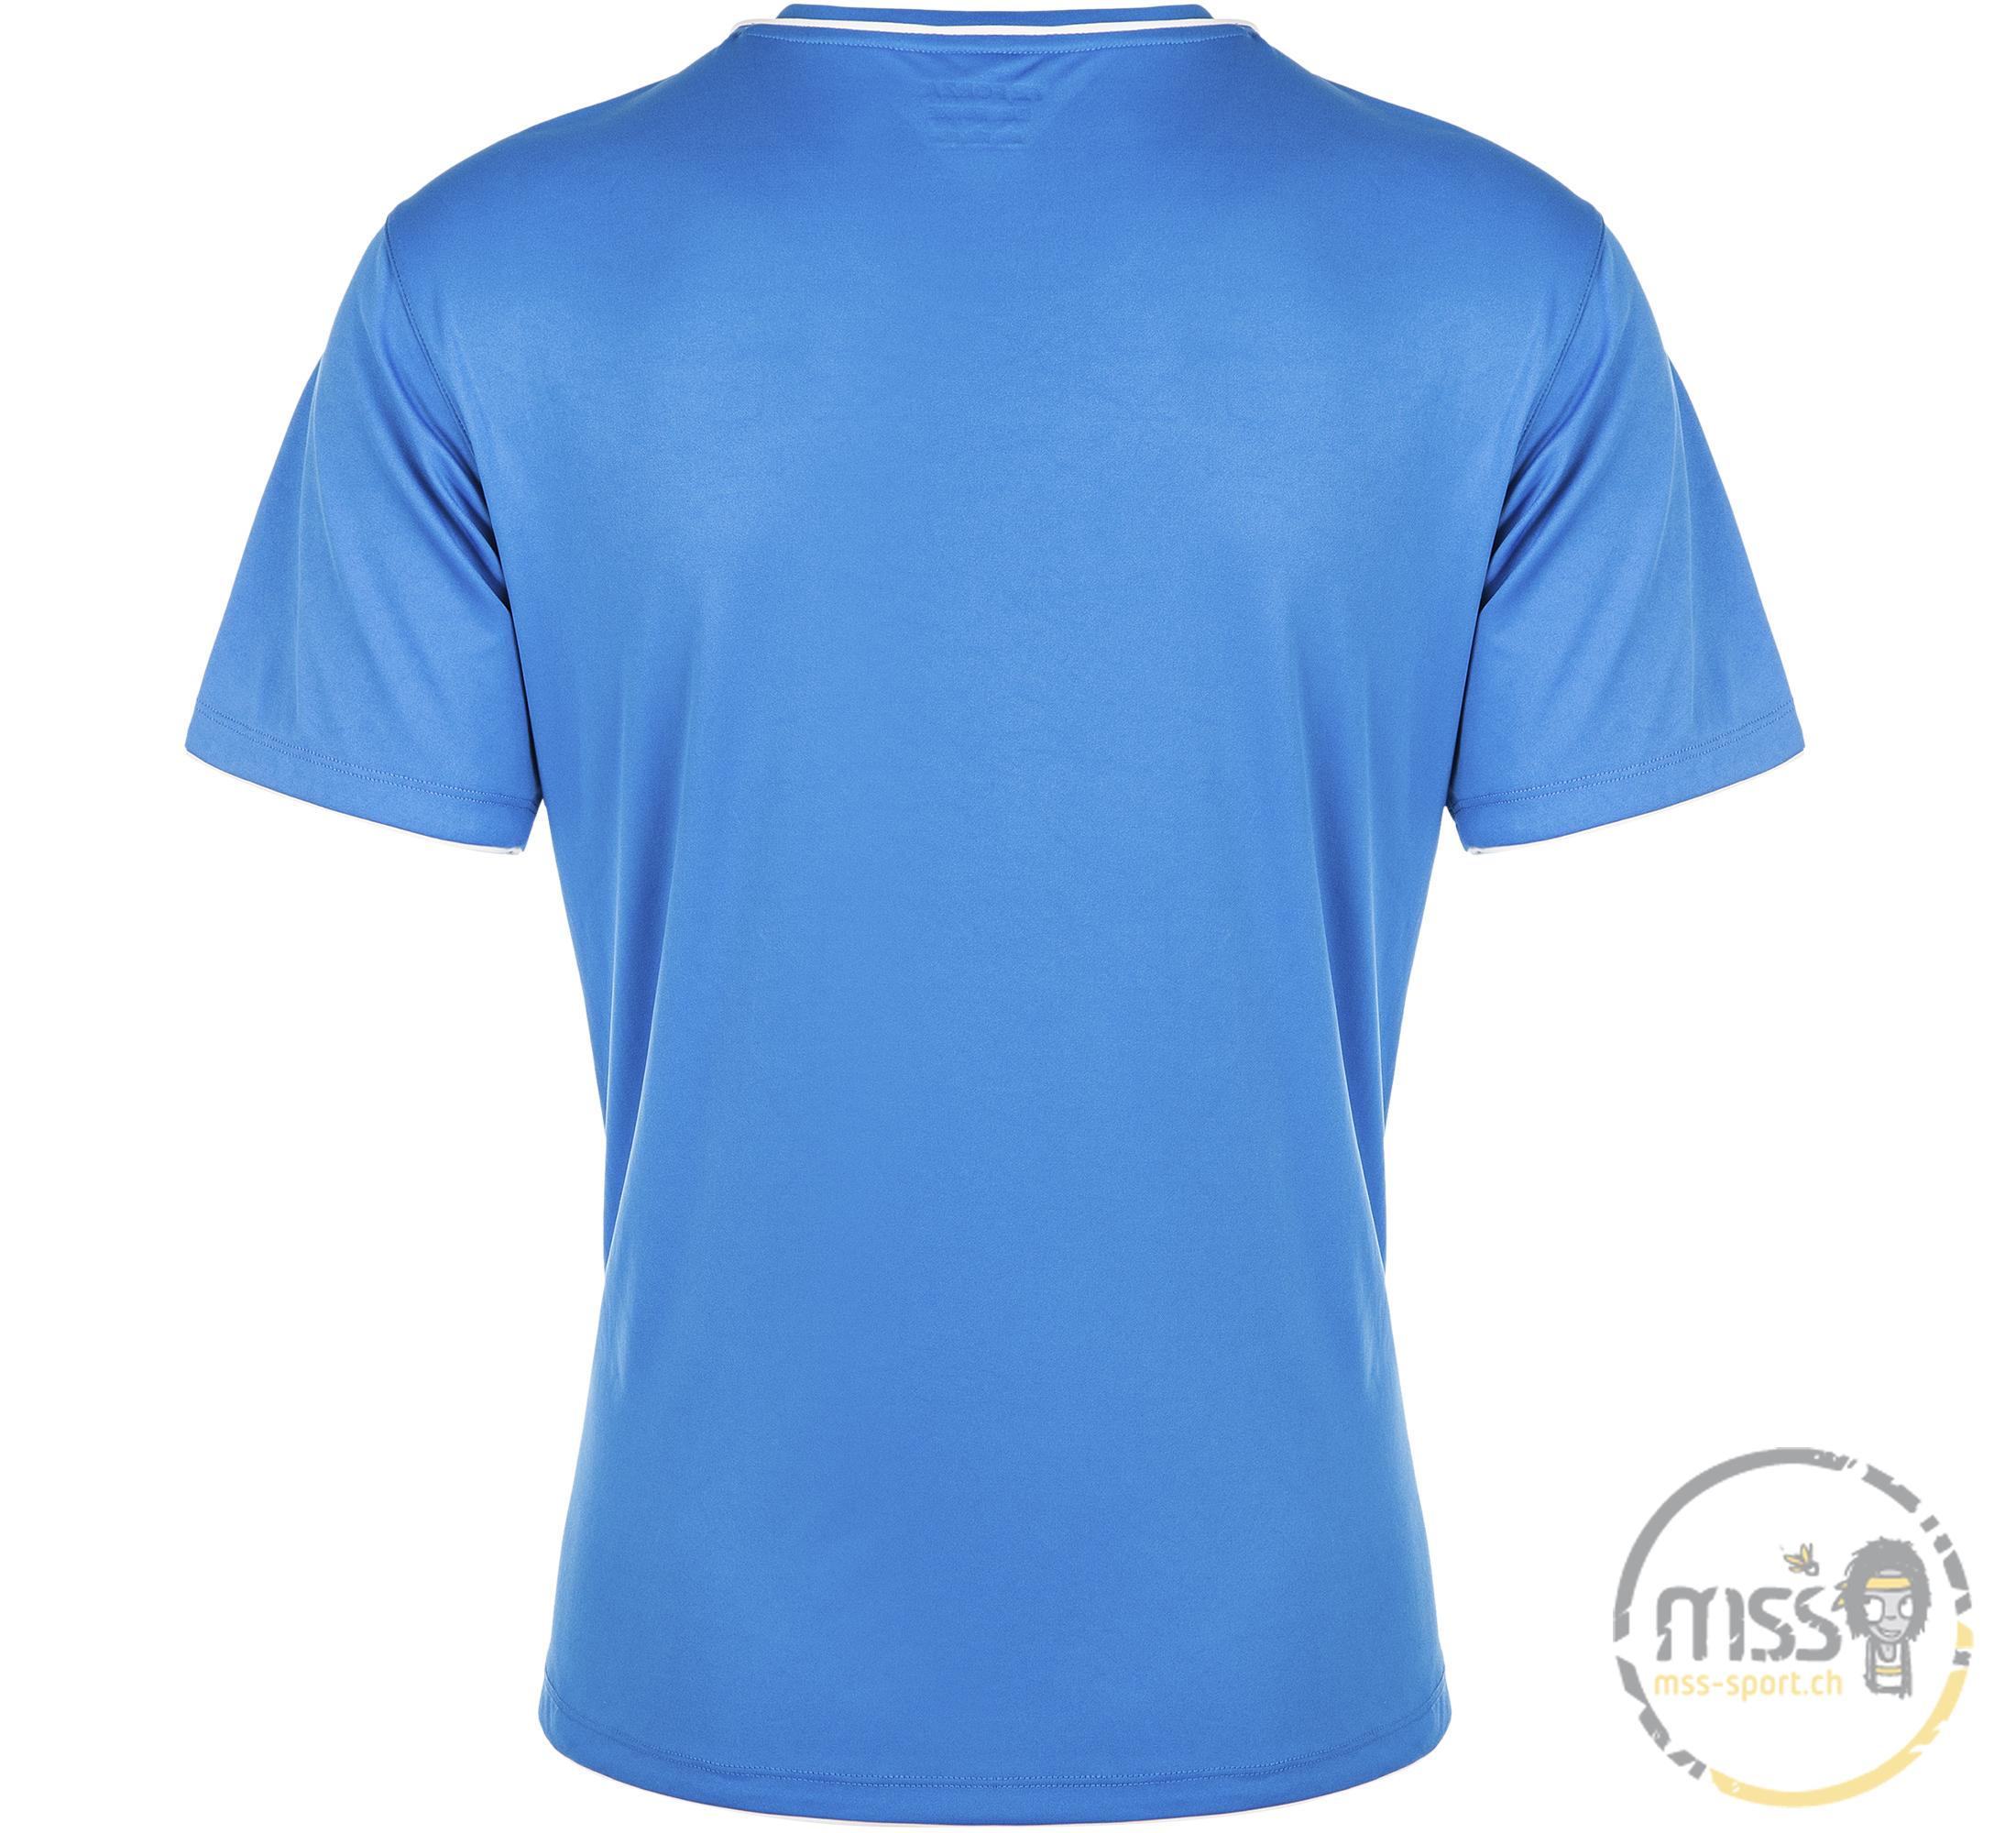 Forza Shirt Hudson Tee